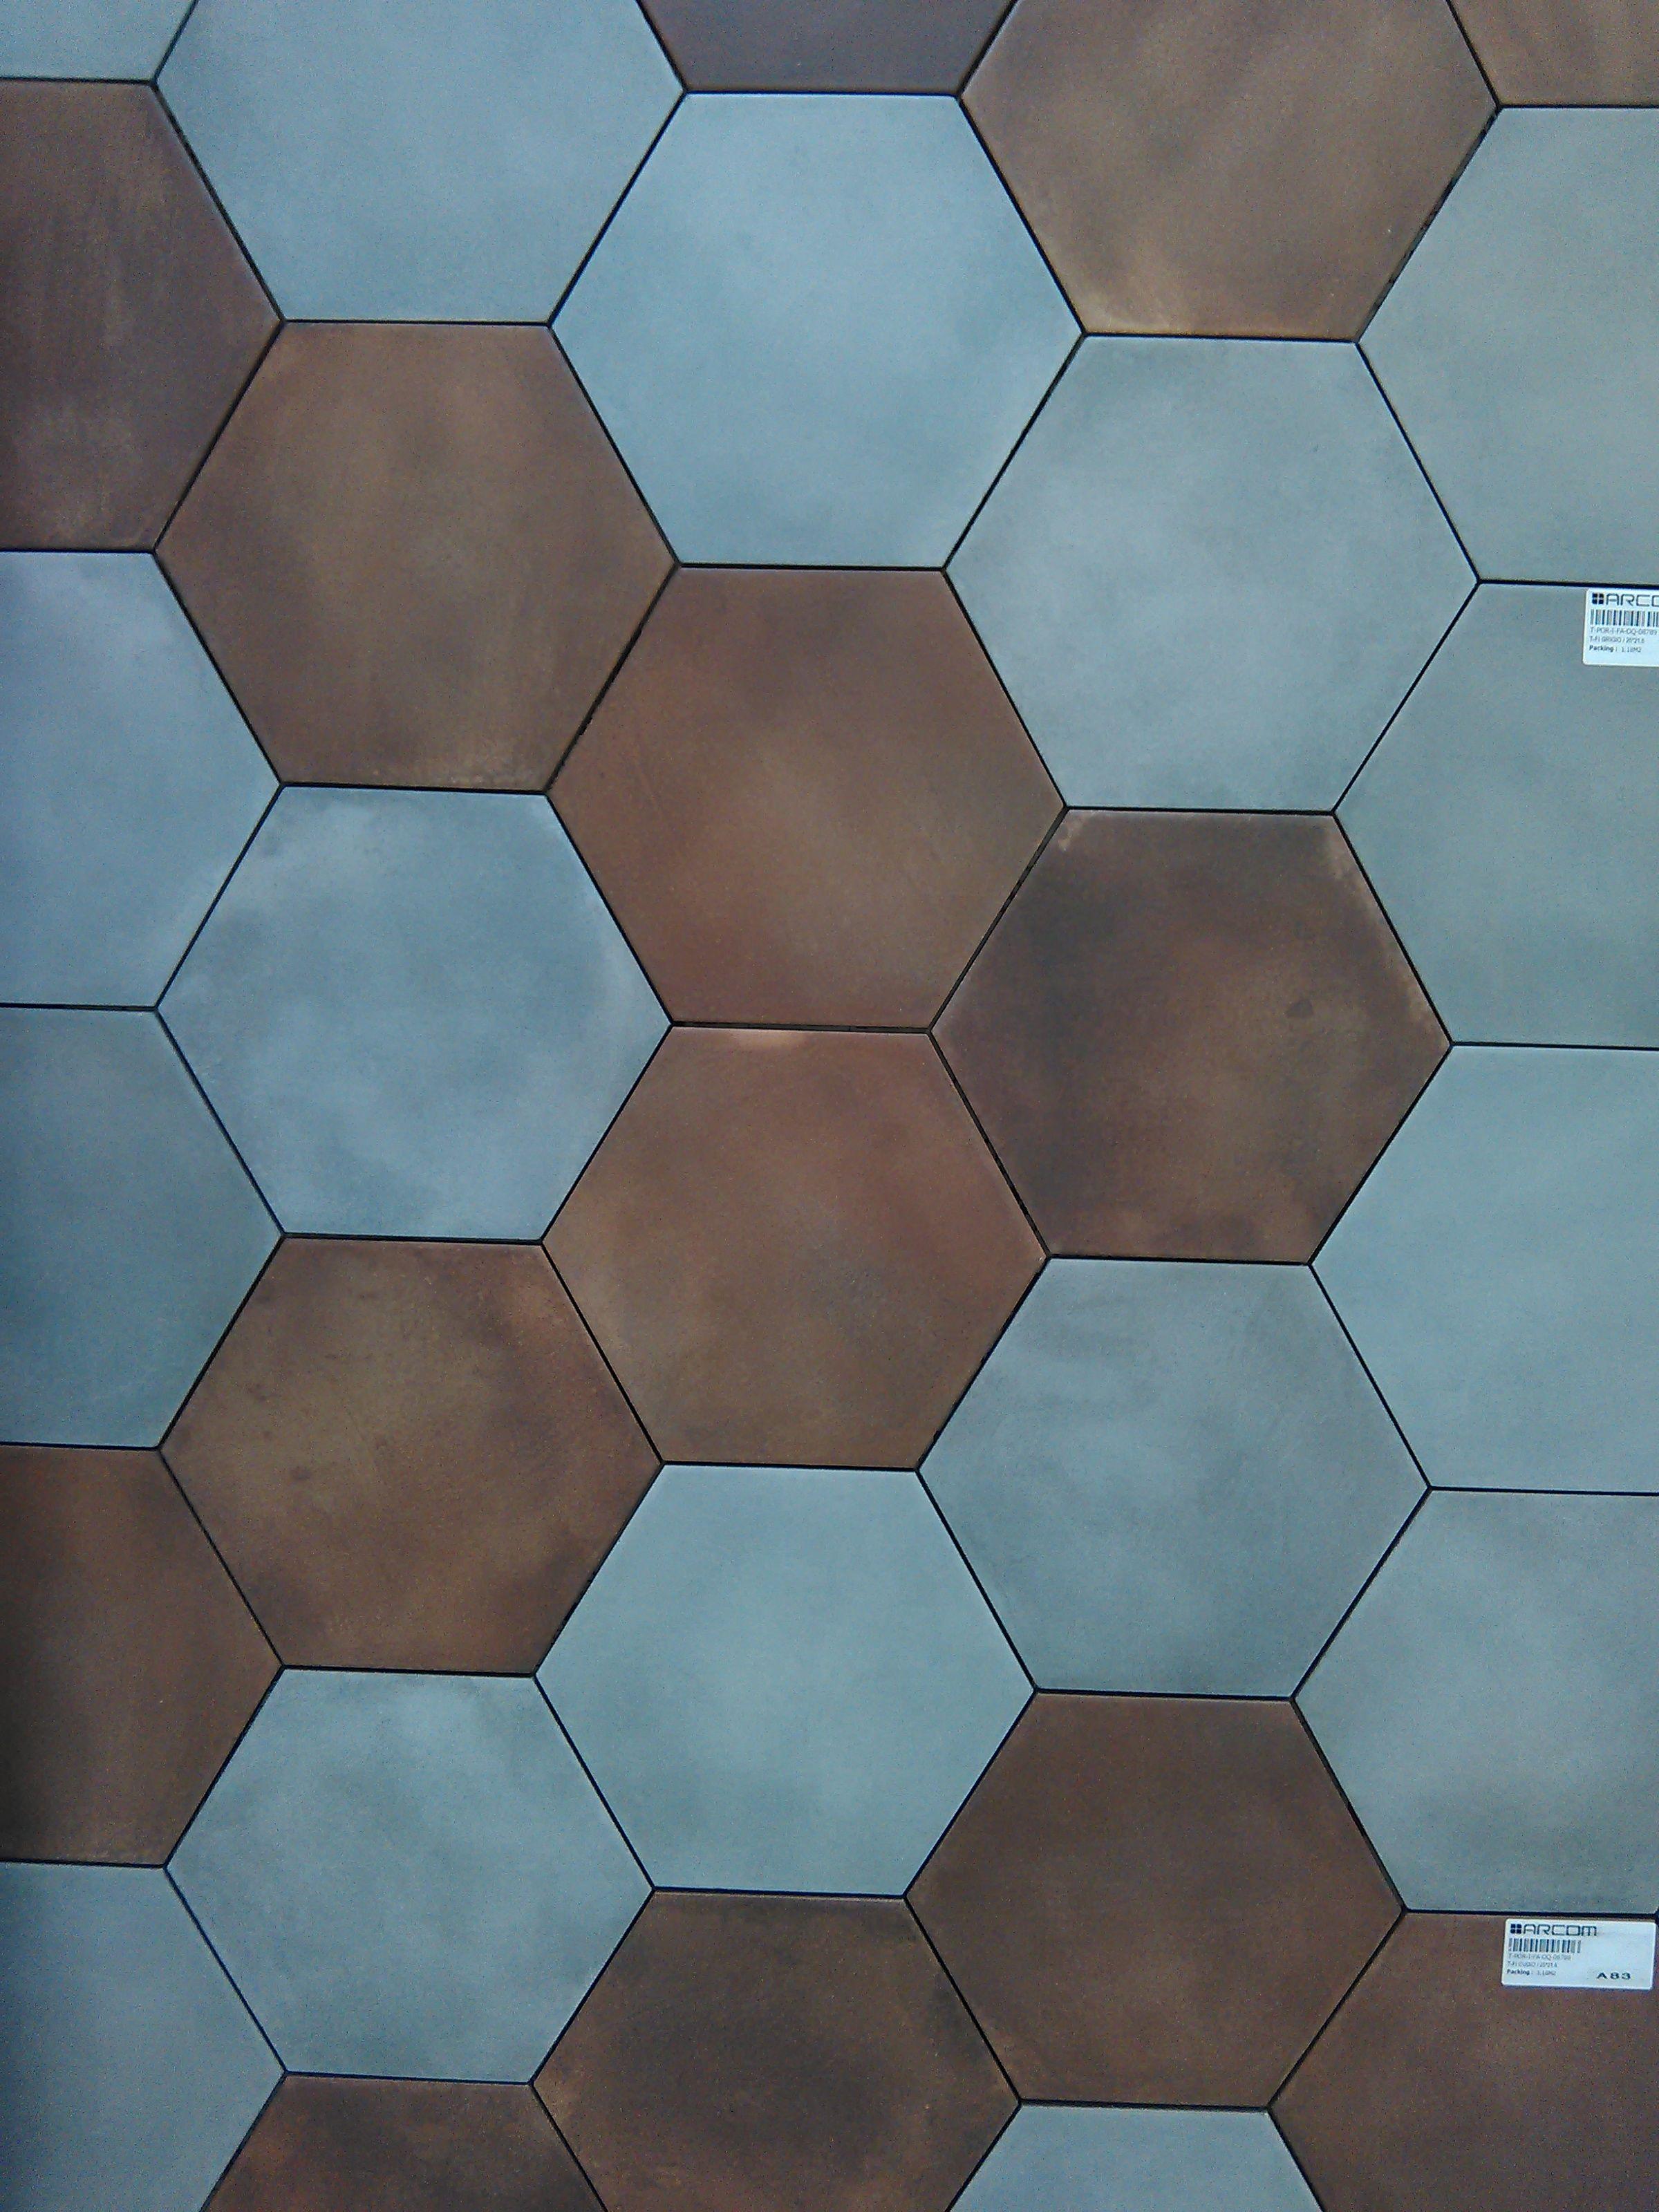 Hexagon floor tiles | Flooring in 2018 | Pinterest | Hexagon floor ...